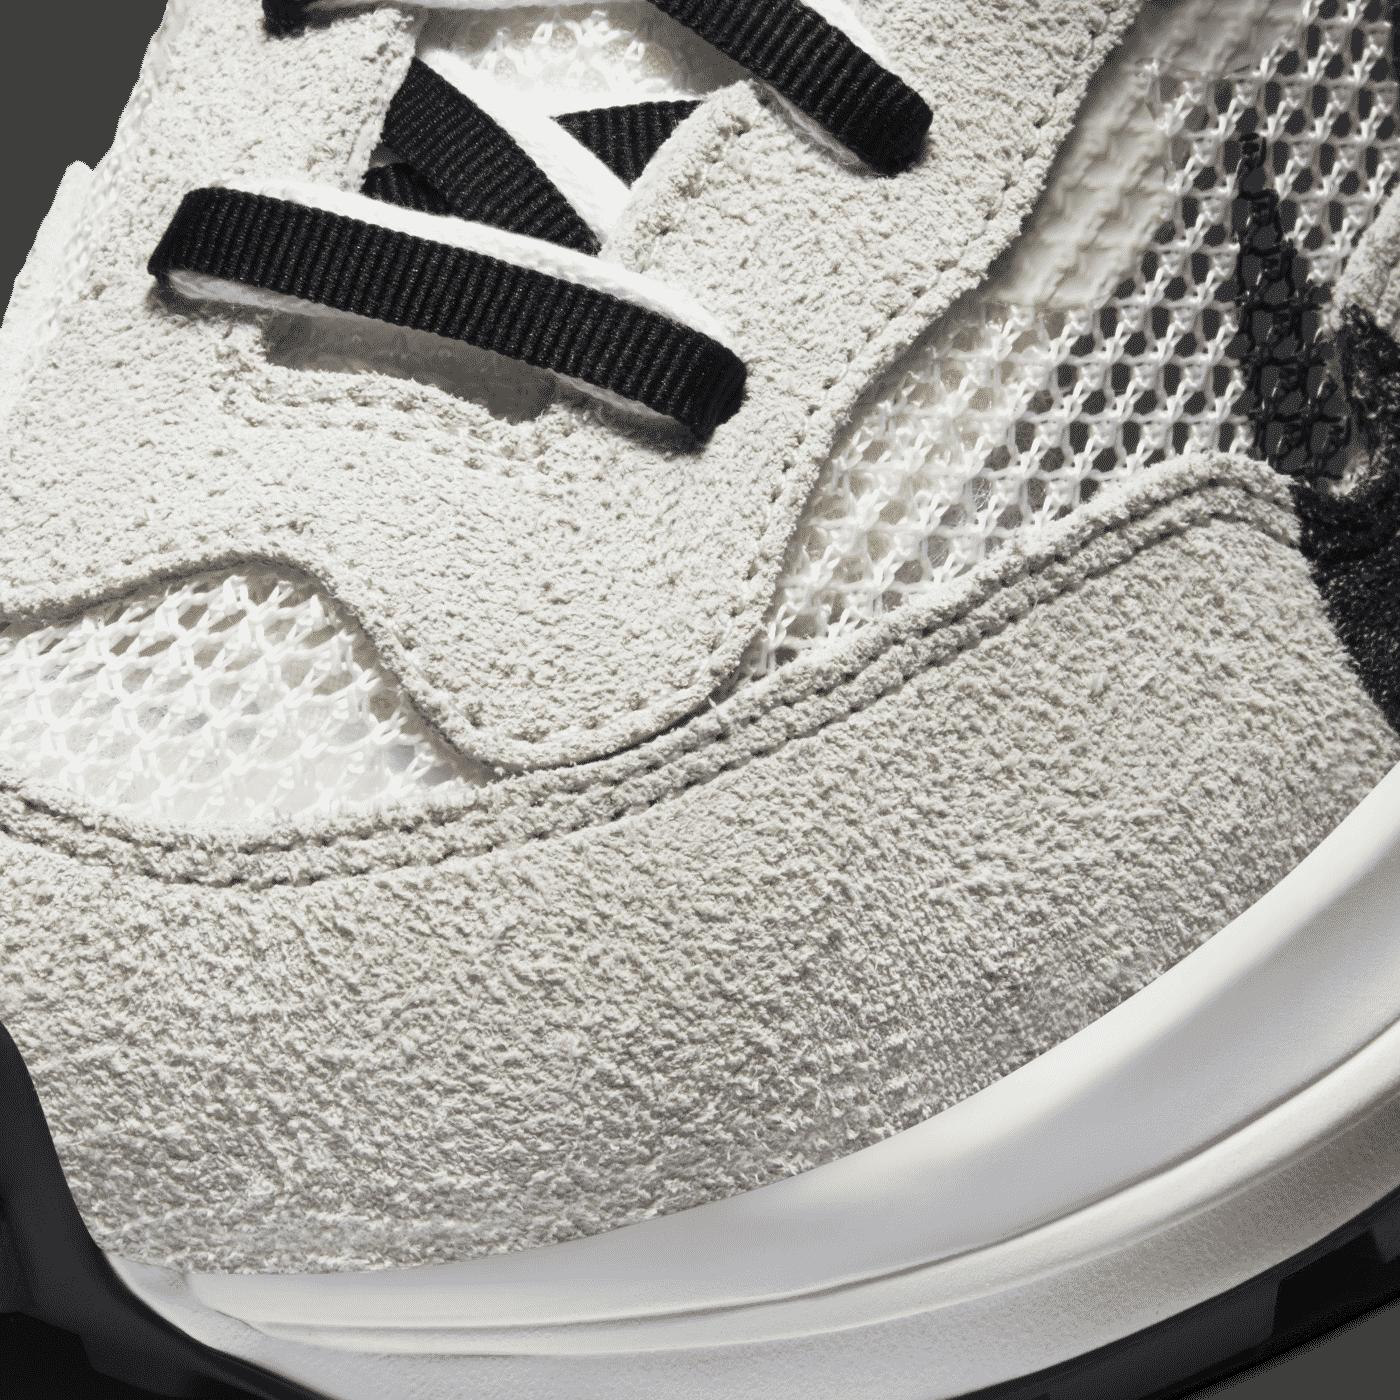 Nike_sacai_Vaporwaffle_beige_6